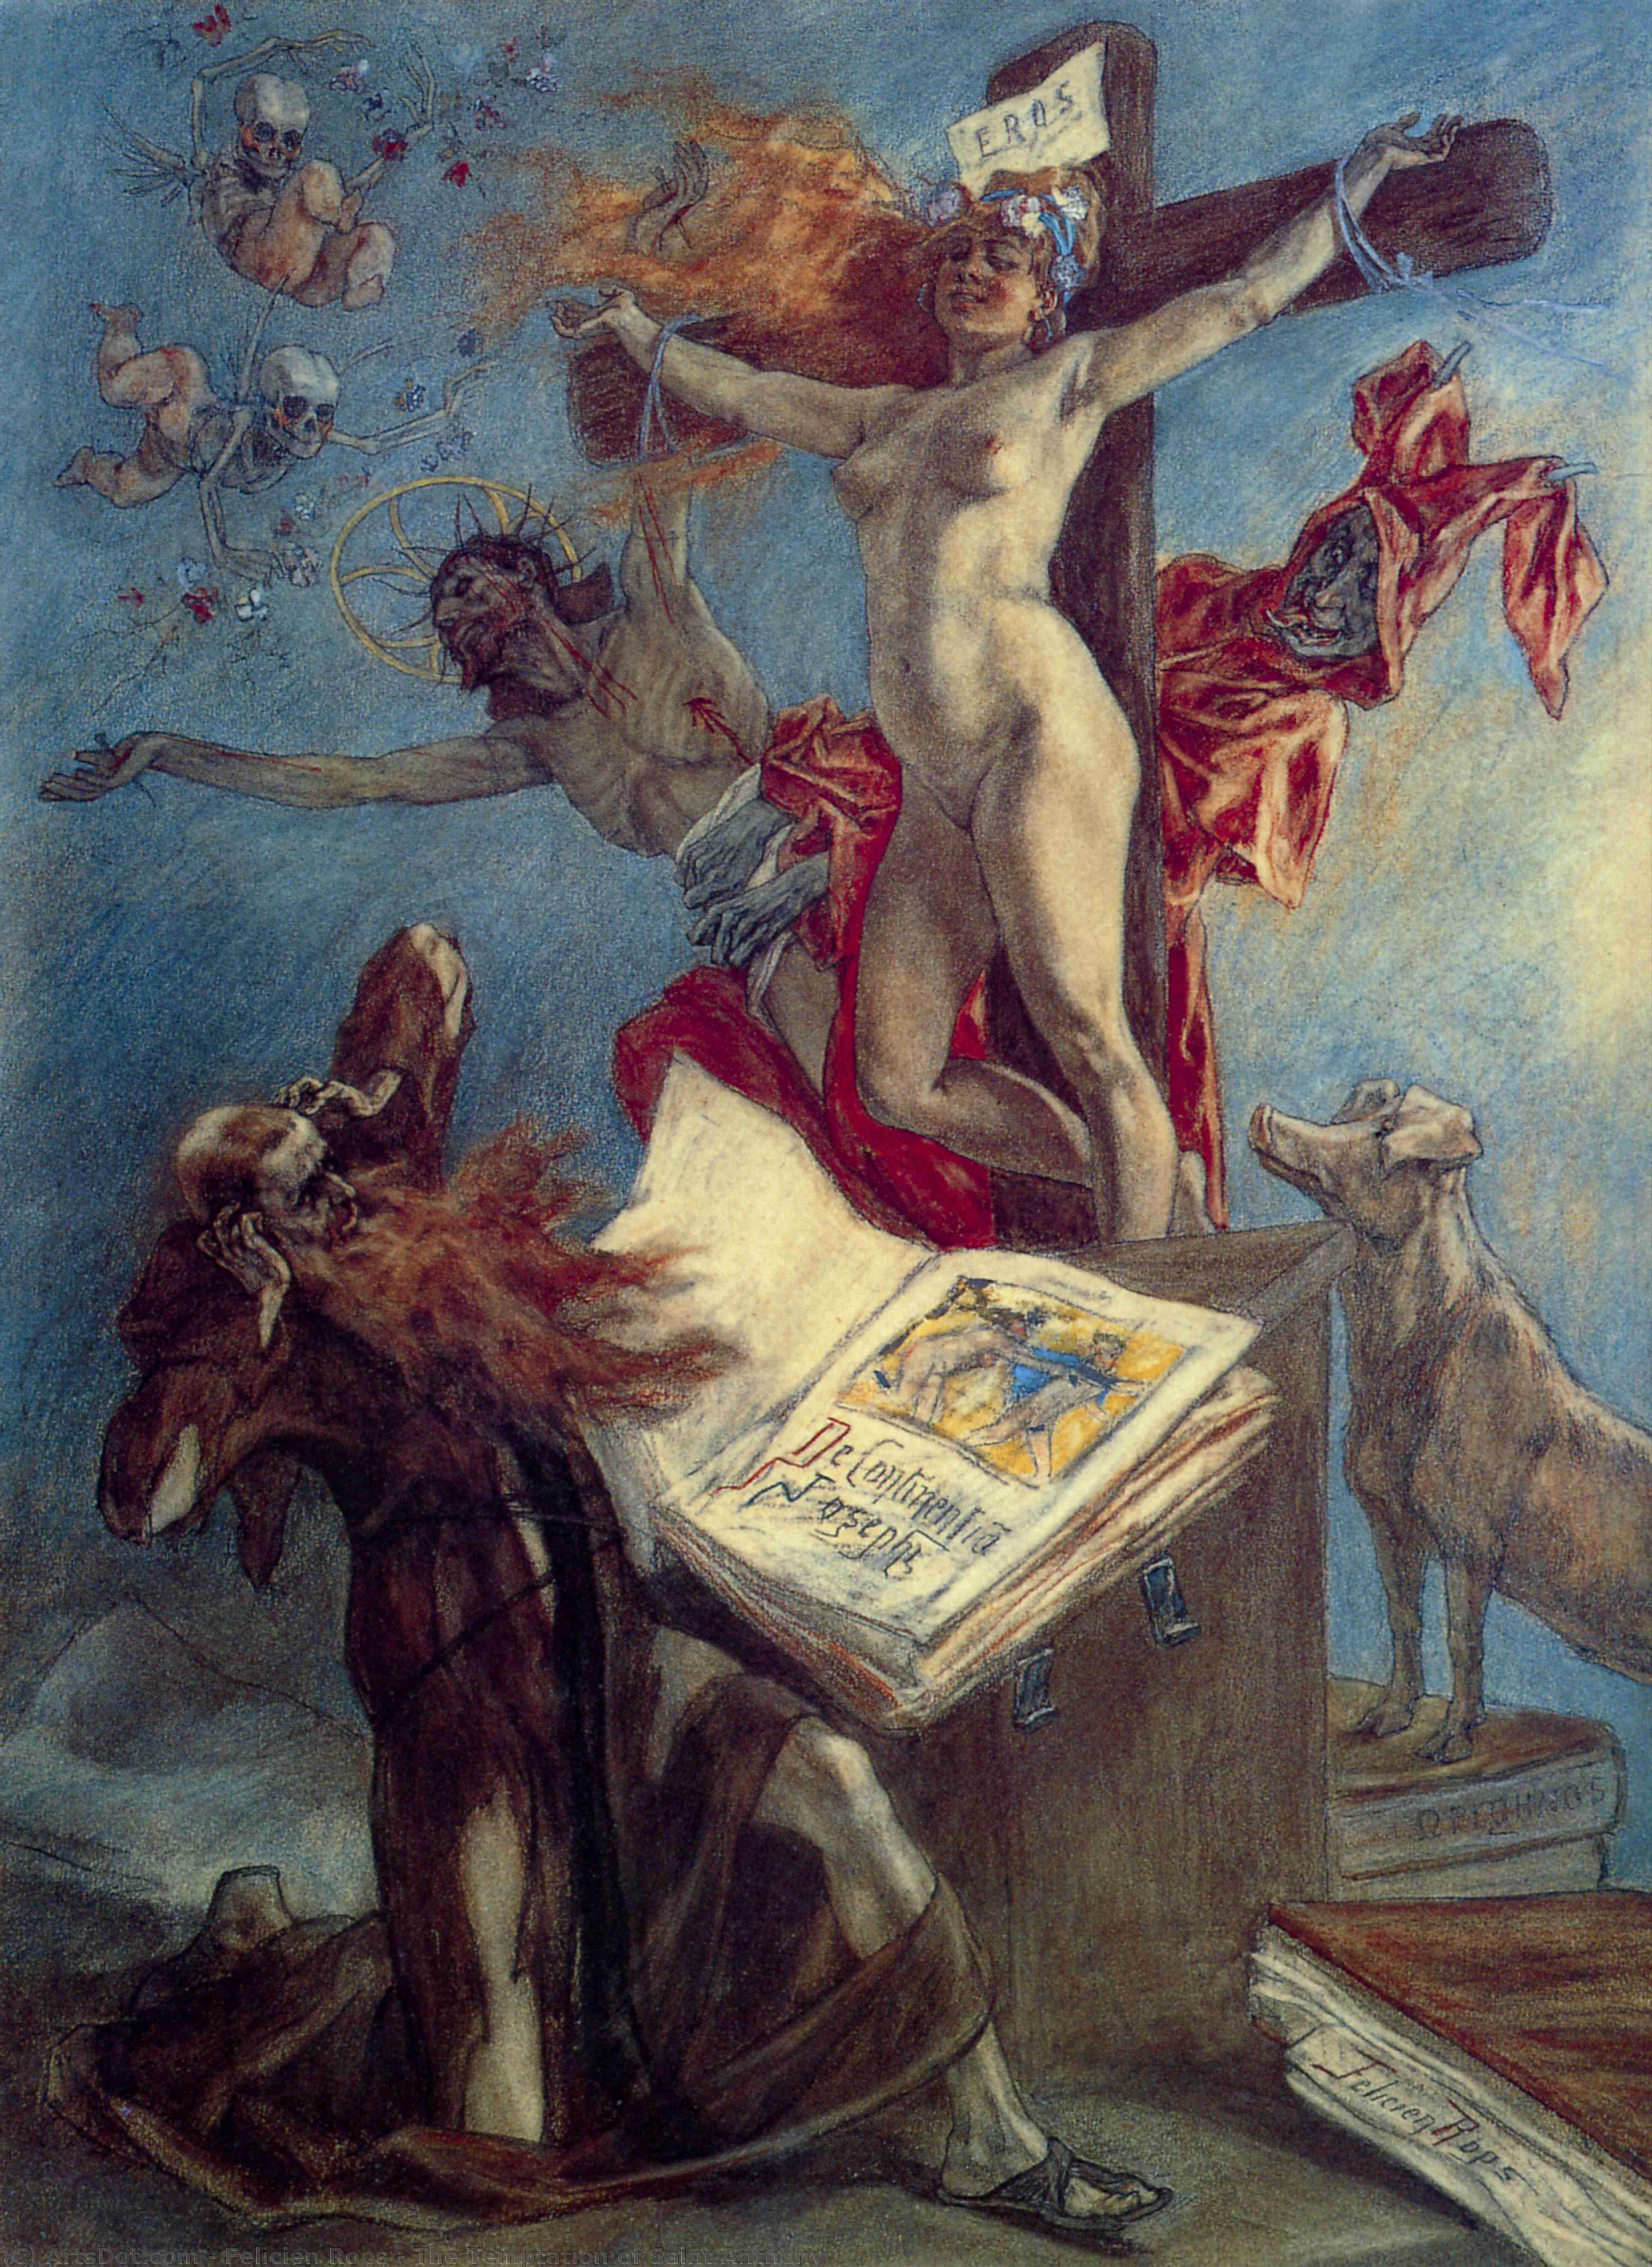 Wikoo.org - موسوعة الفنون الجميلة - اللوحة، العمل الفني Felicien Rops - The Temptation of Saint Anthony